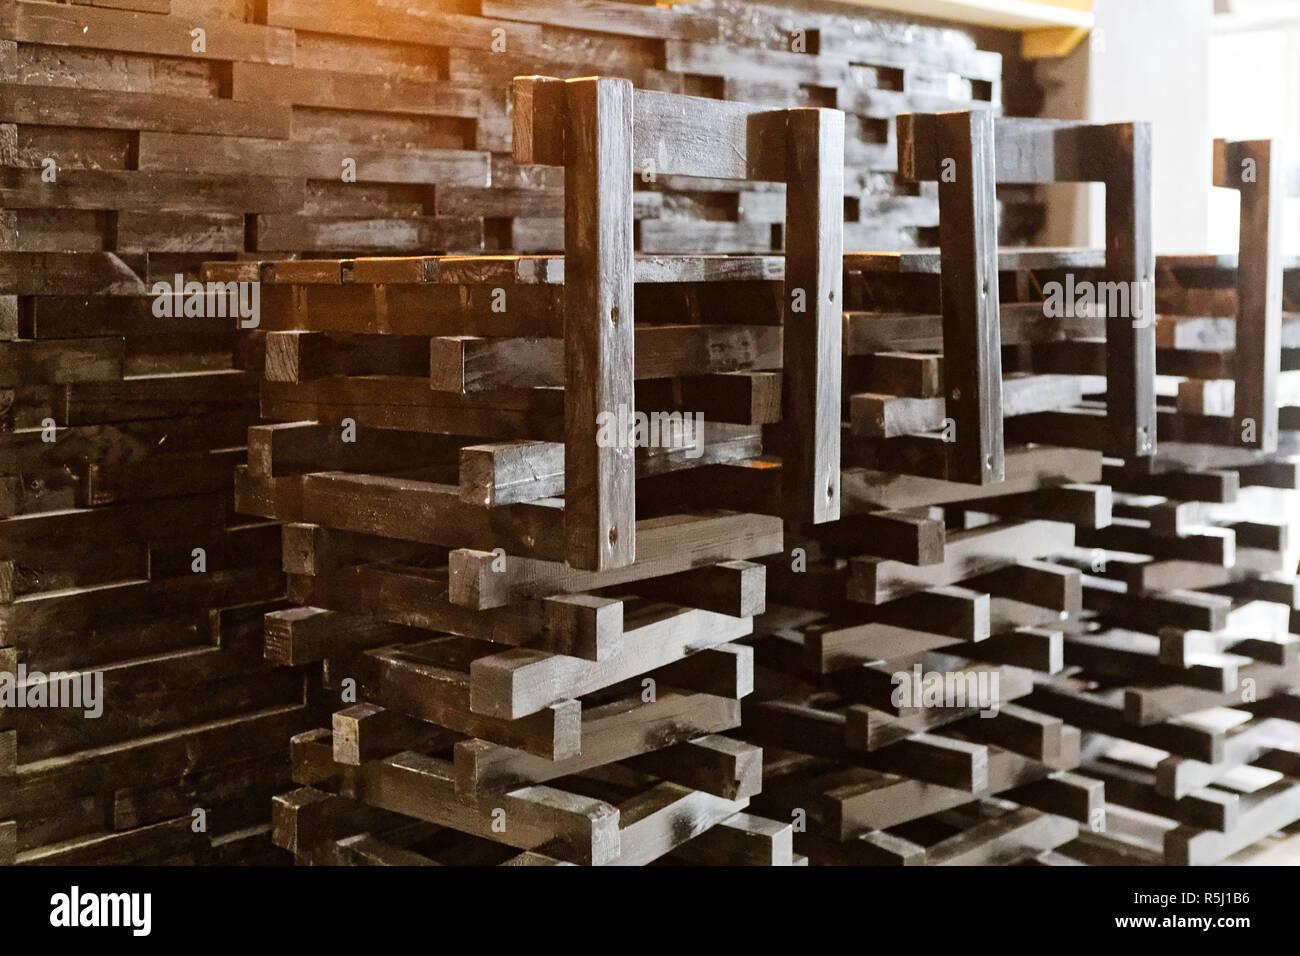 Fila di sgabelli in legno nella parte anteriore del contatore di